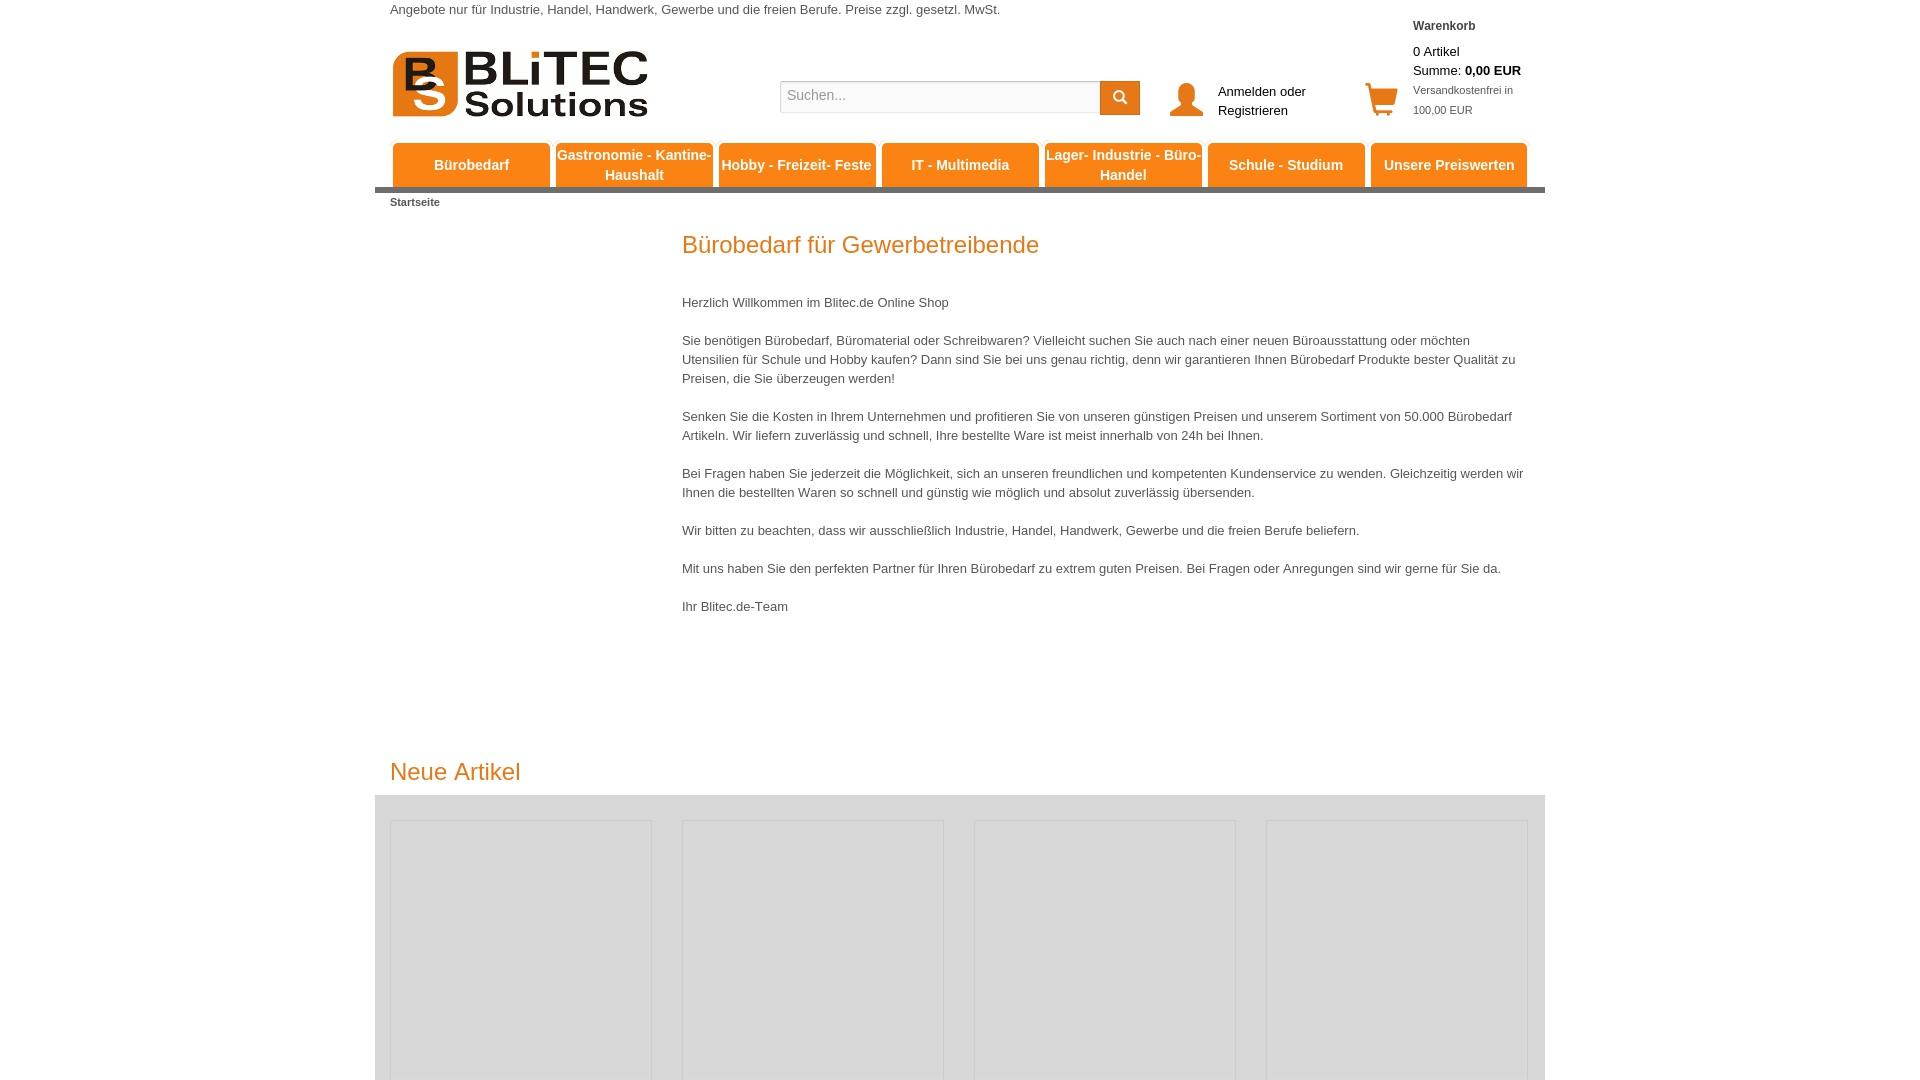 Geld zurück bei Blitec: Jetzt im September 2021 Cashback für Blitec sichern